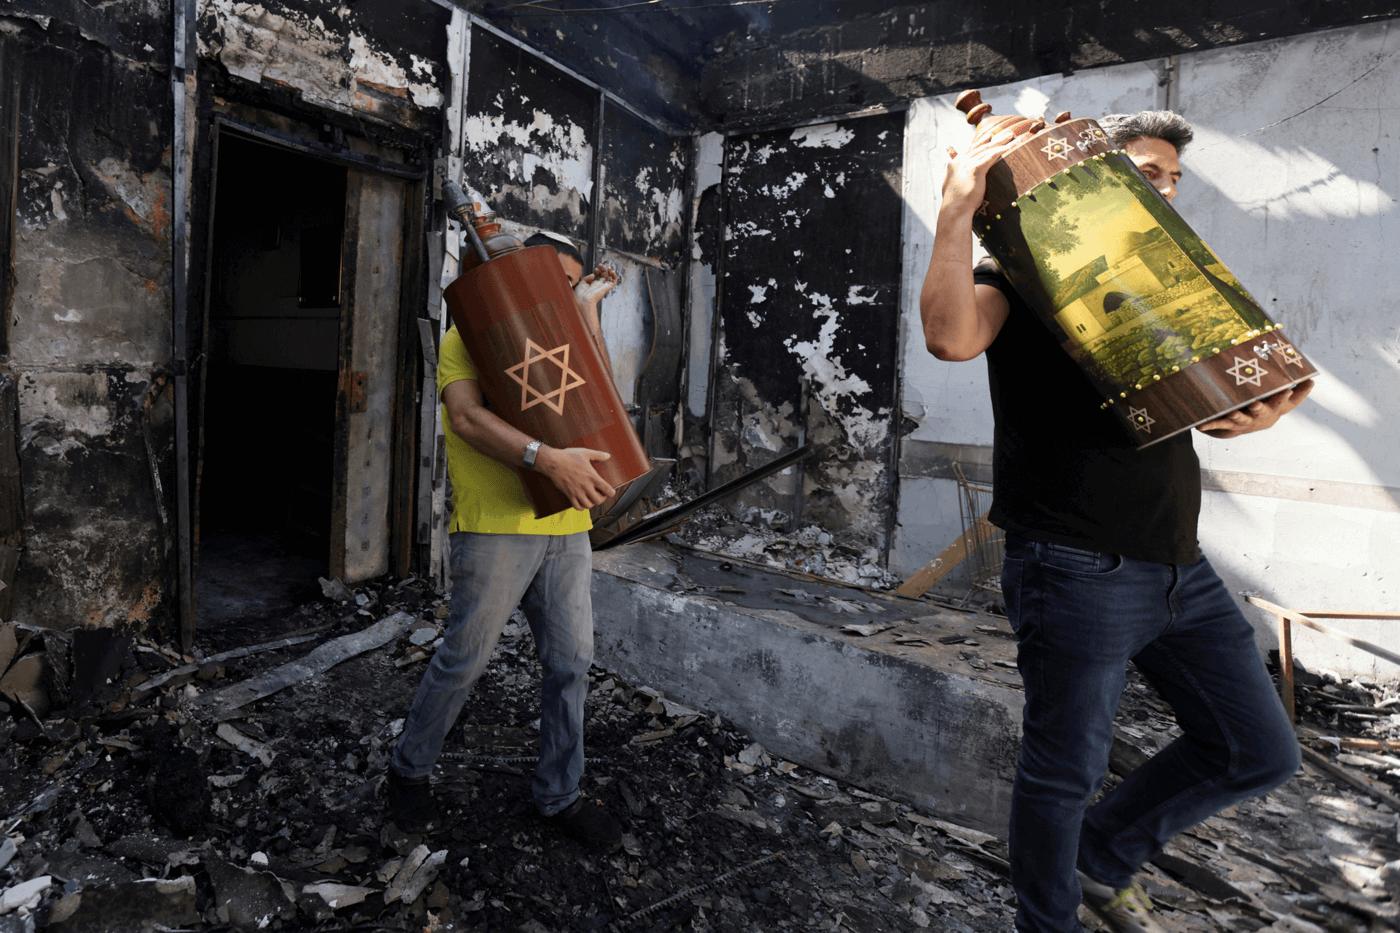 ספרי תורה מחולצים מבית כנסת שנשרף בלוד השבוע (12.5). צילום: רויטרס